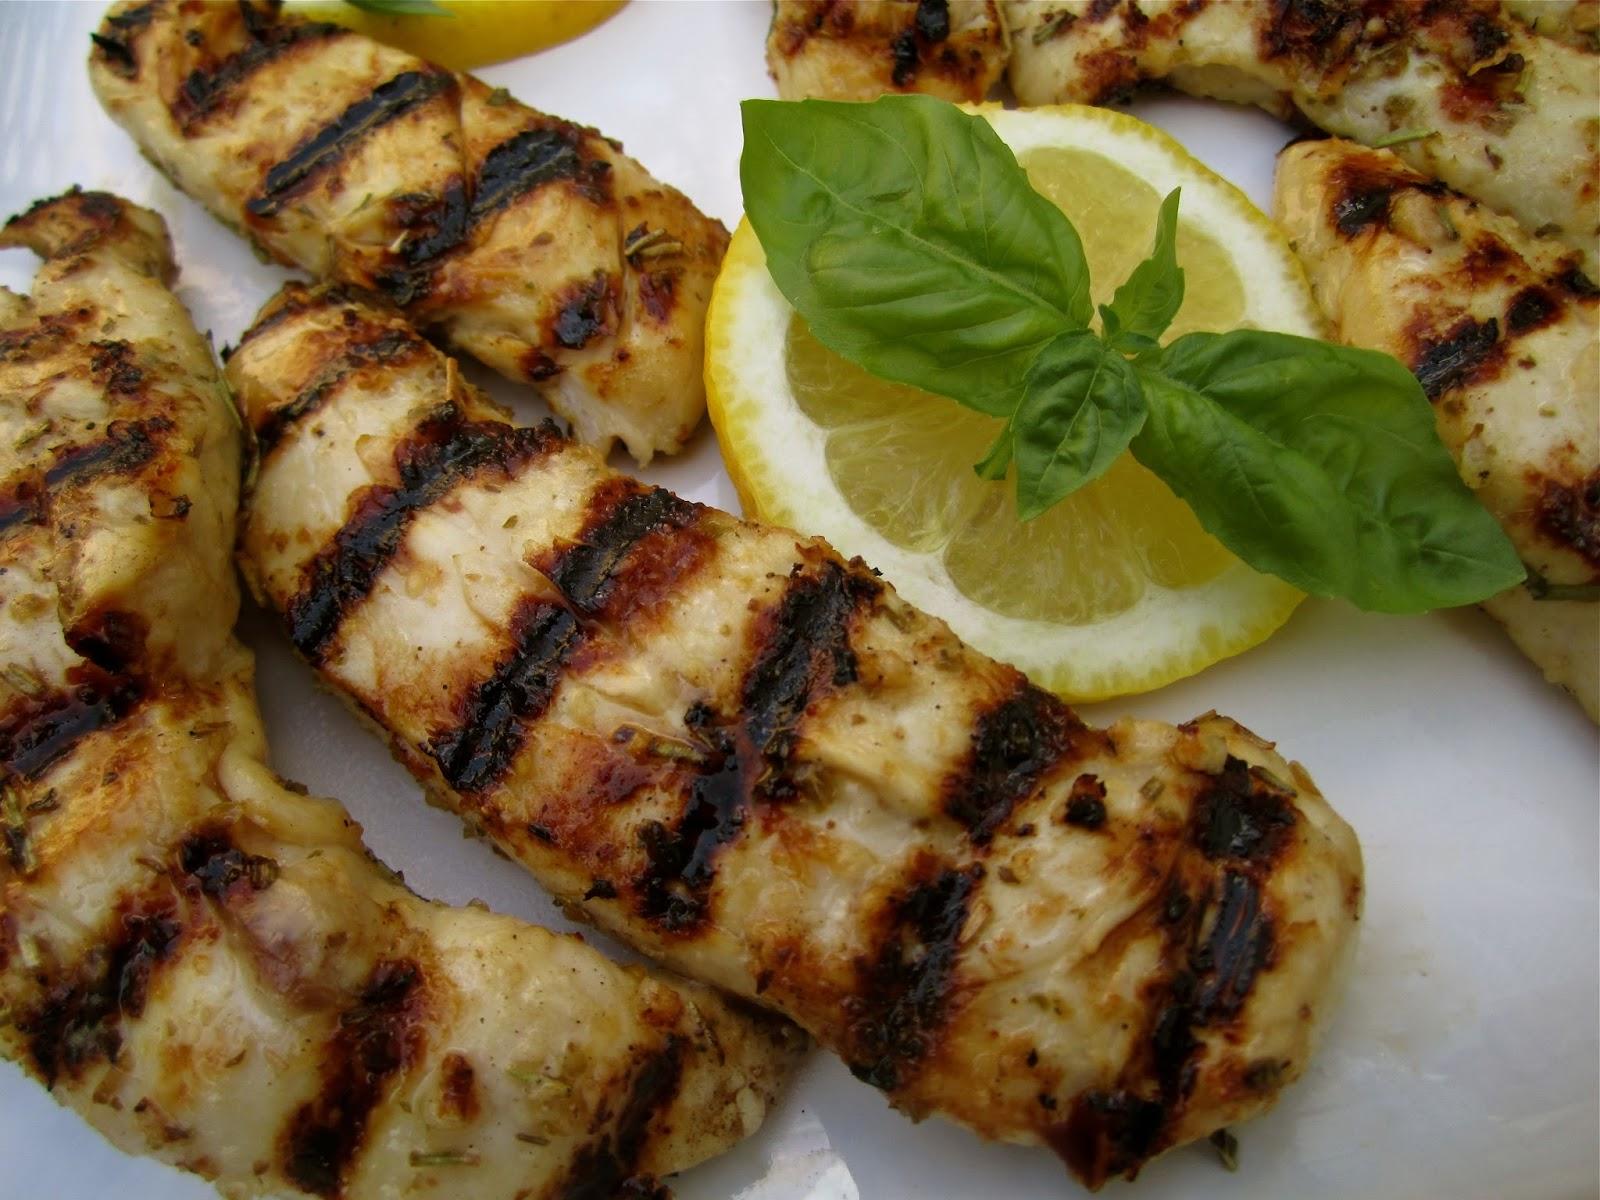 Stephanie Cooks: Grilled Lemon, Rosemary, & Basil Chicken Tenders